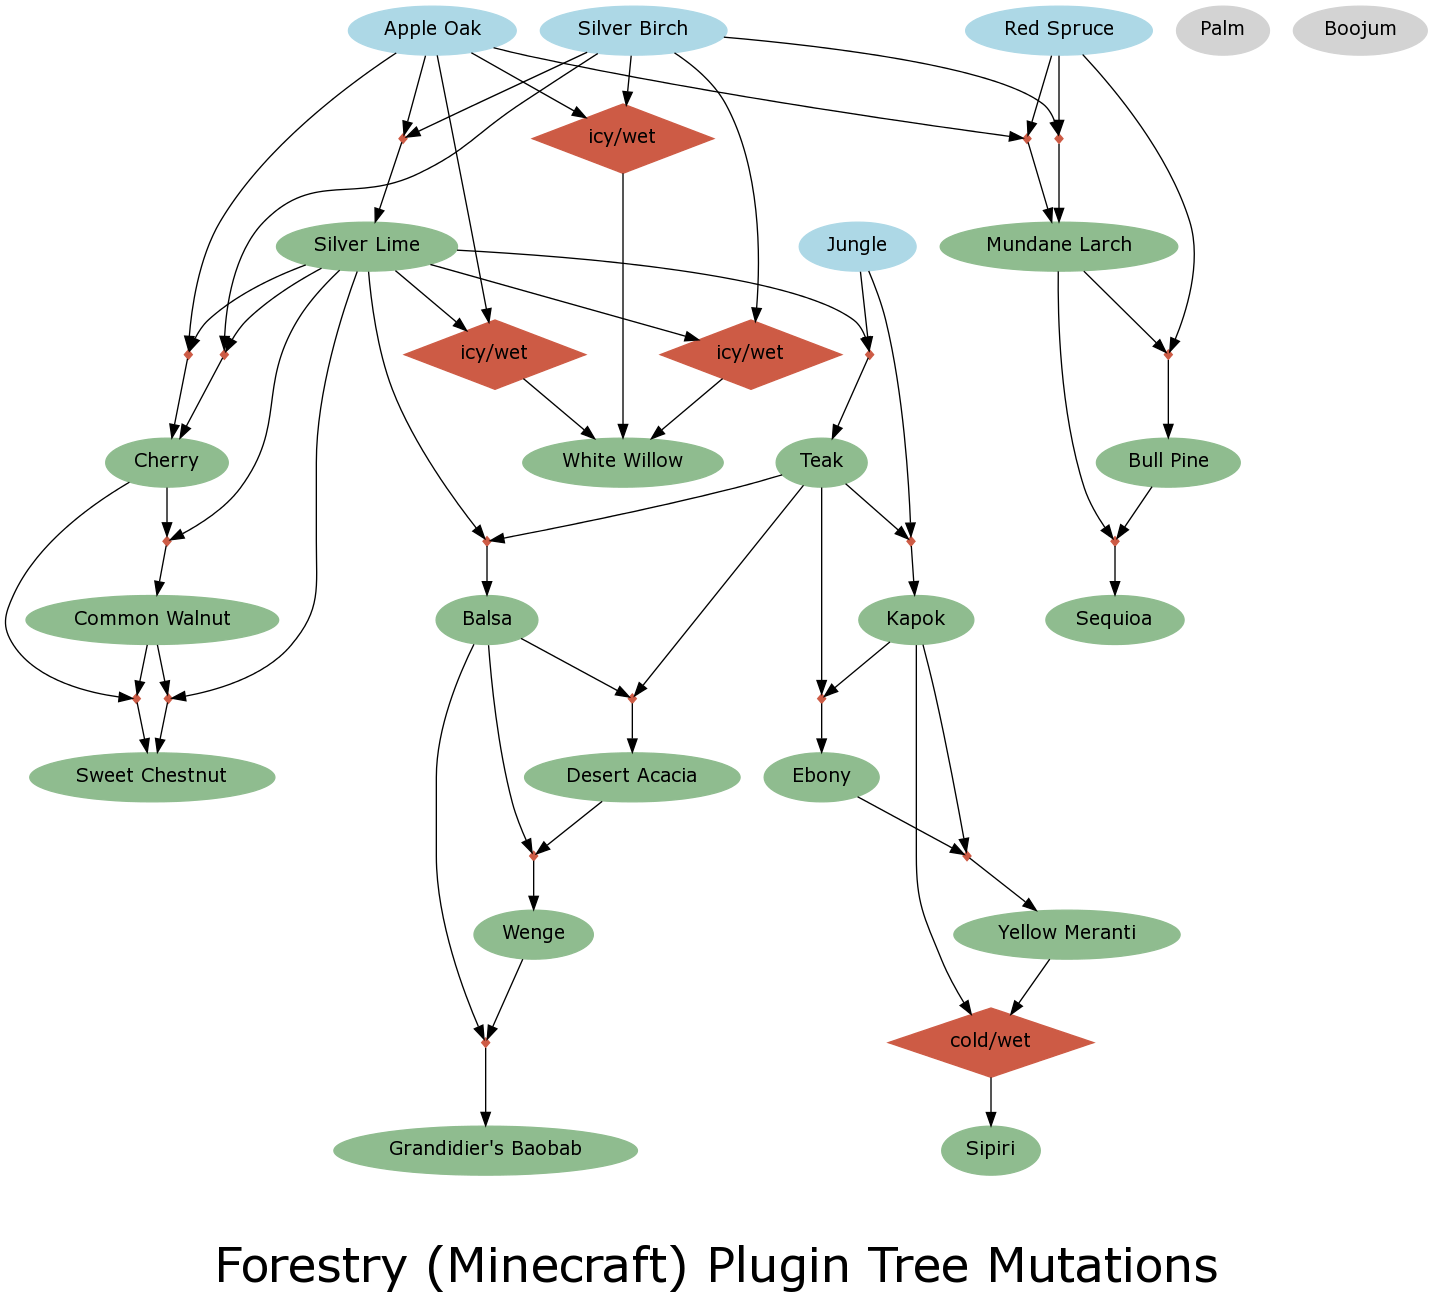 Tree Species | Feed The Beast Wiki | FANDOM powered by Wikia